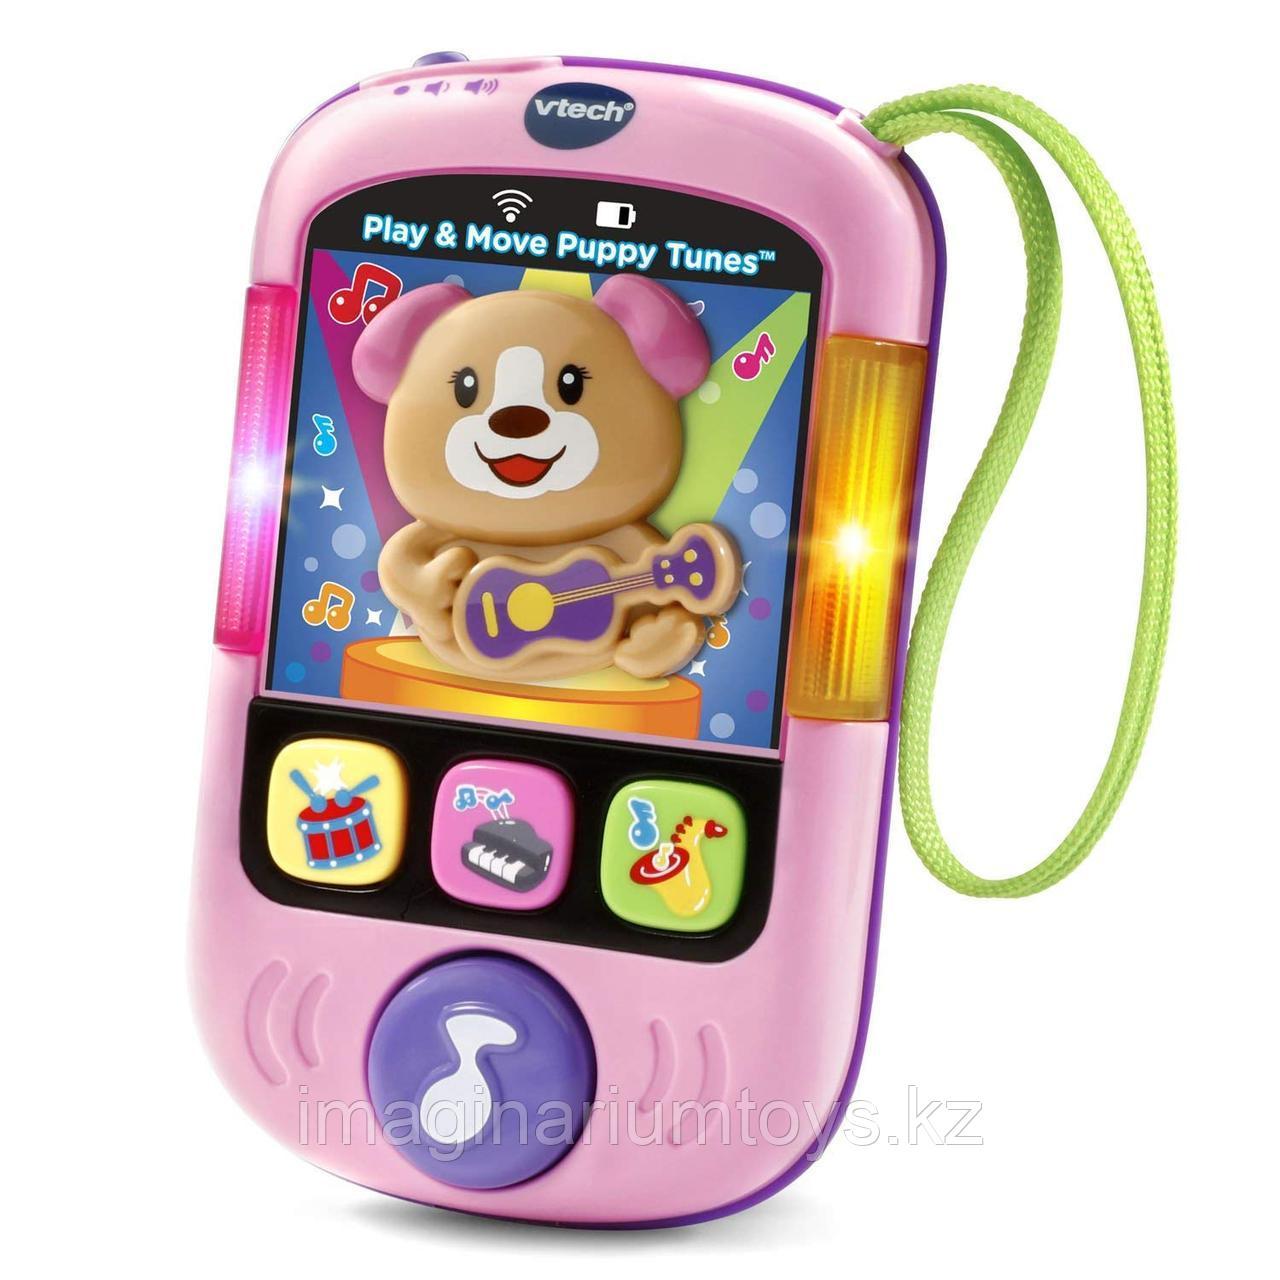 Интерактивная развивающая игрушка Телефон VTech